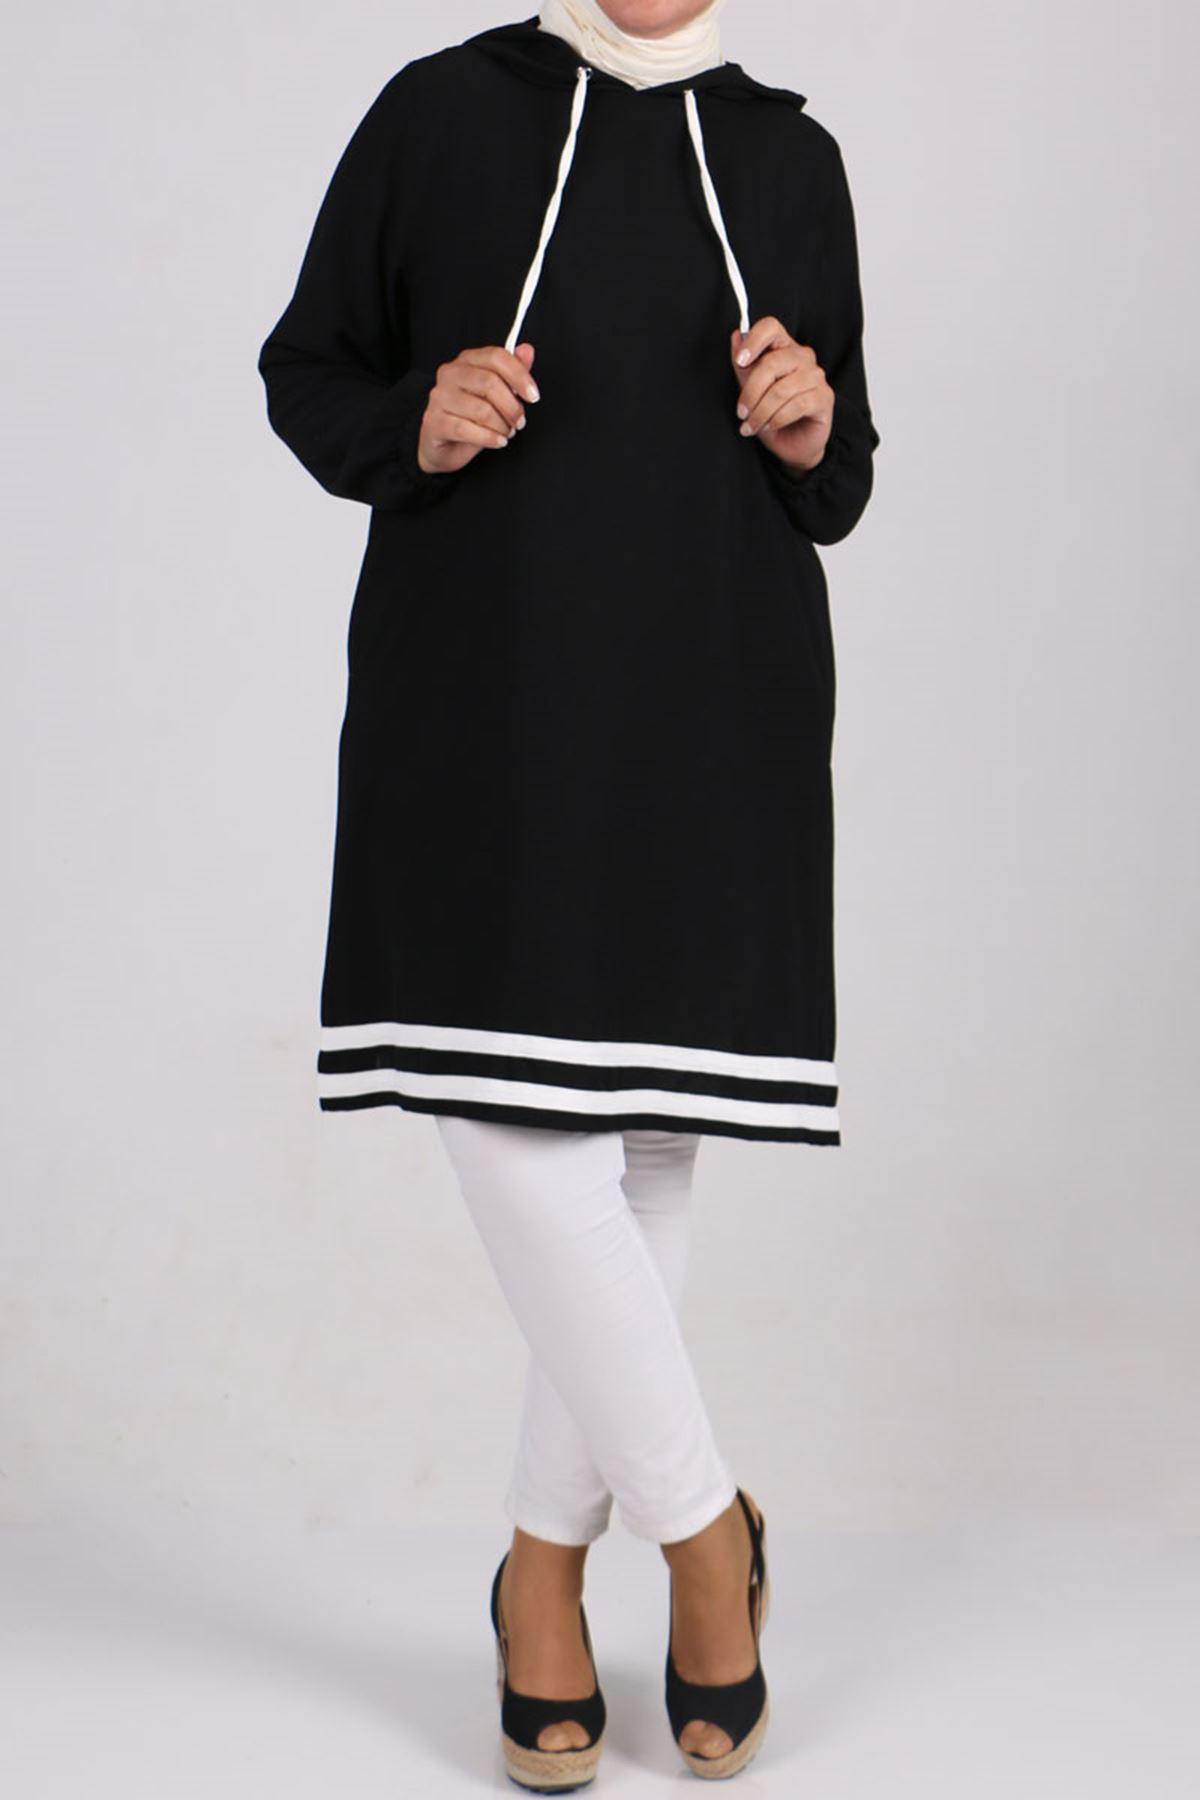 8481 Büyük Beden Moskino Şeritli Tunik - Siyah